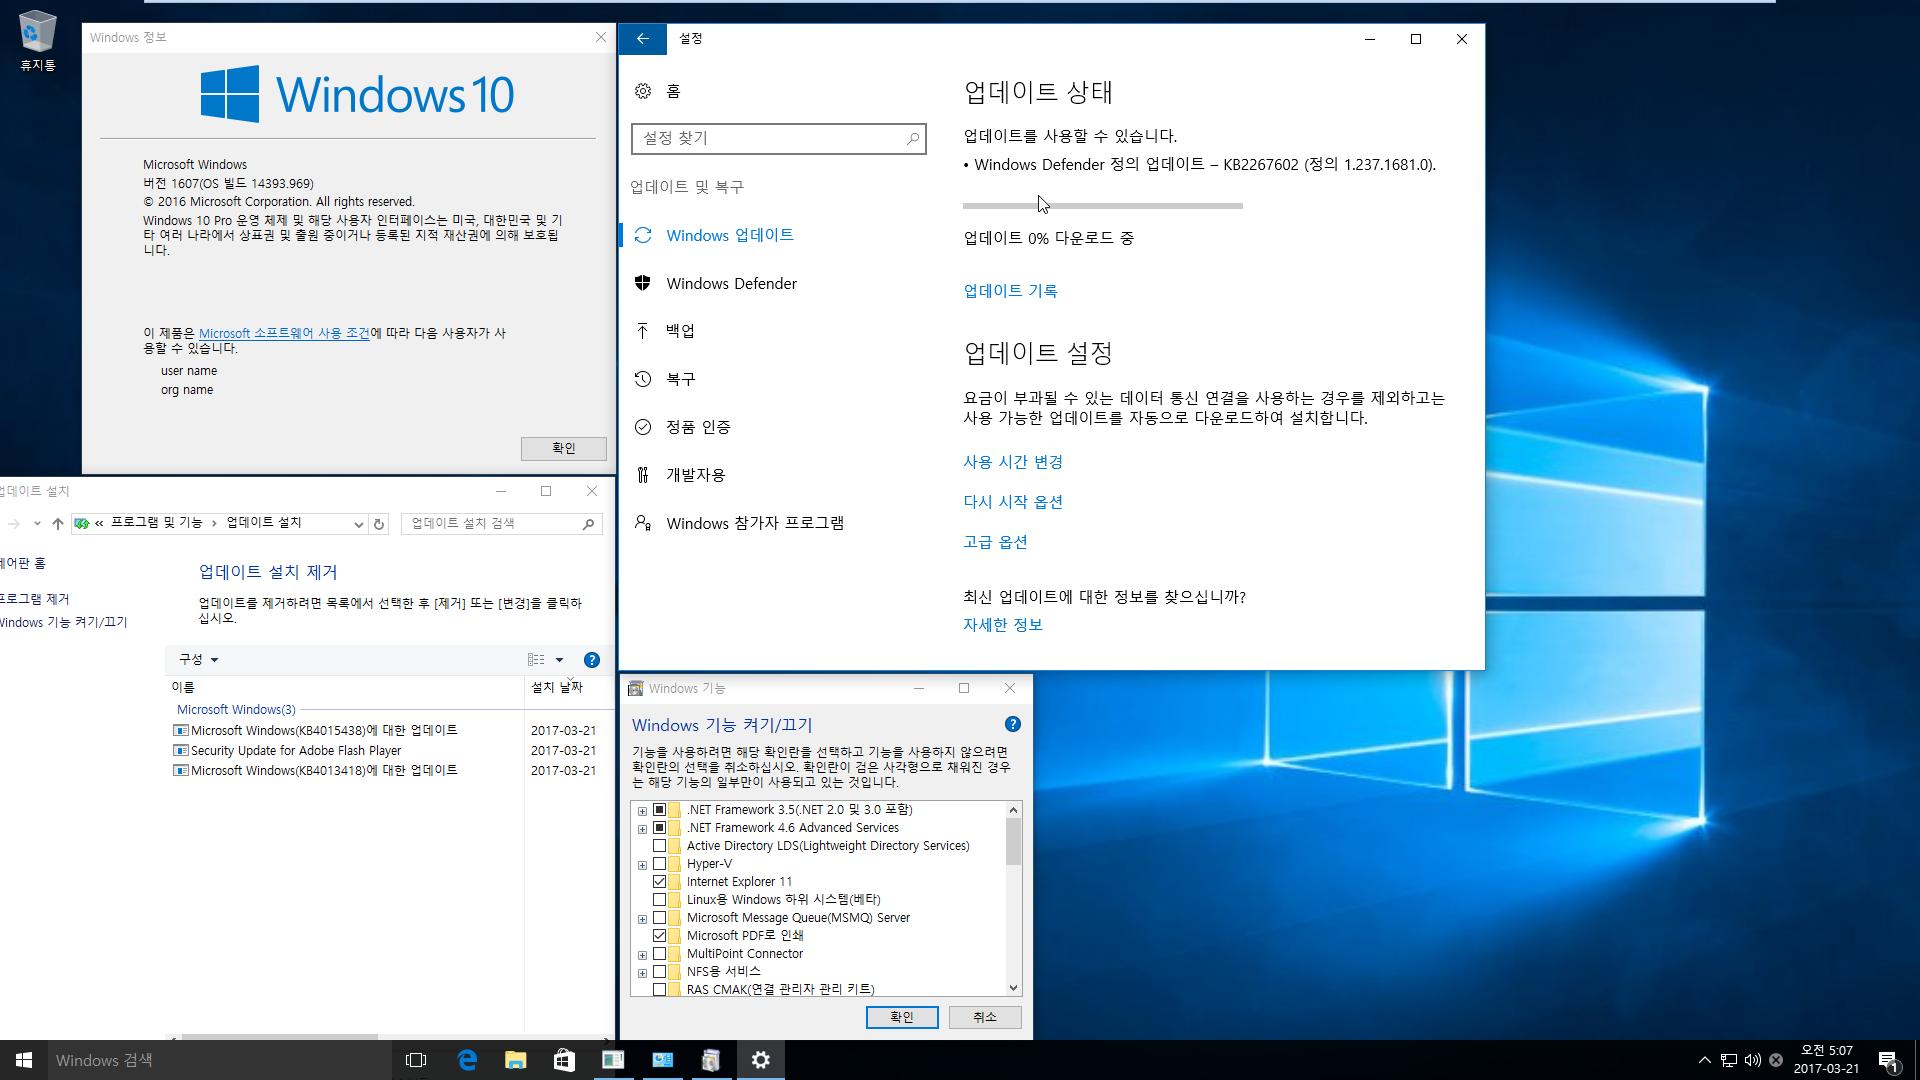 윈도10 버전1607 [14393.969] 누적 업데이트 나왔네요 - 통합중 2017-03-21_050752.png